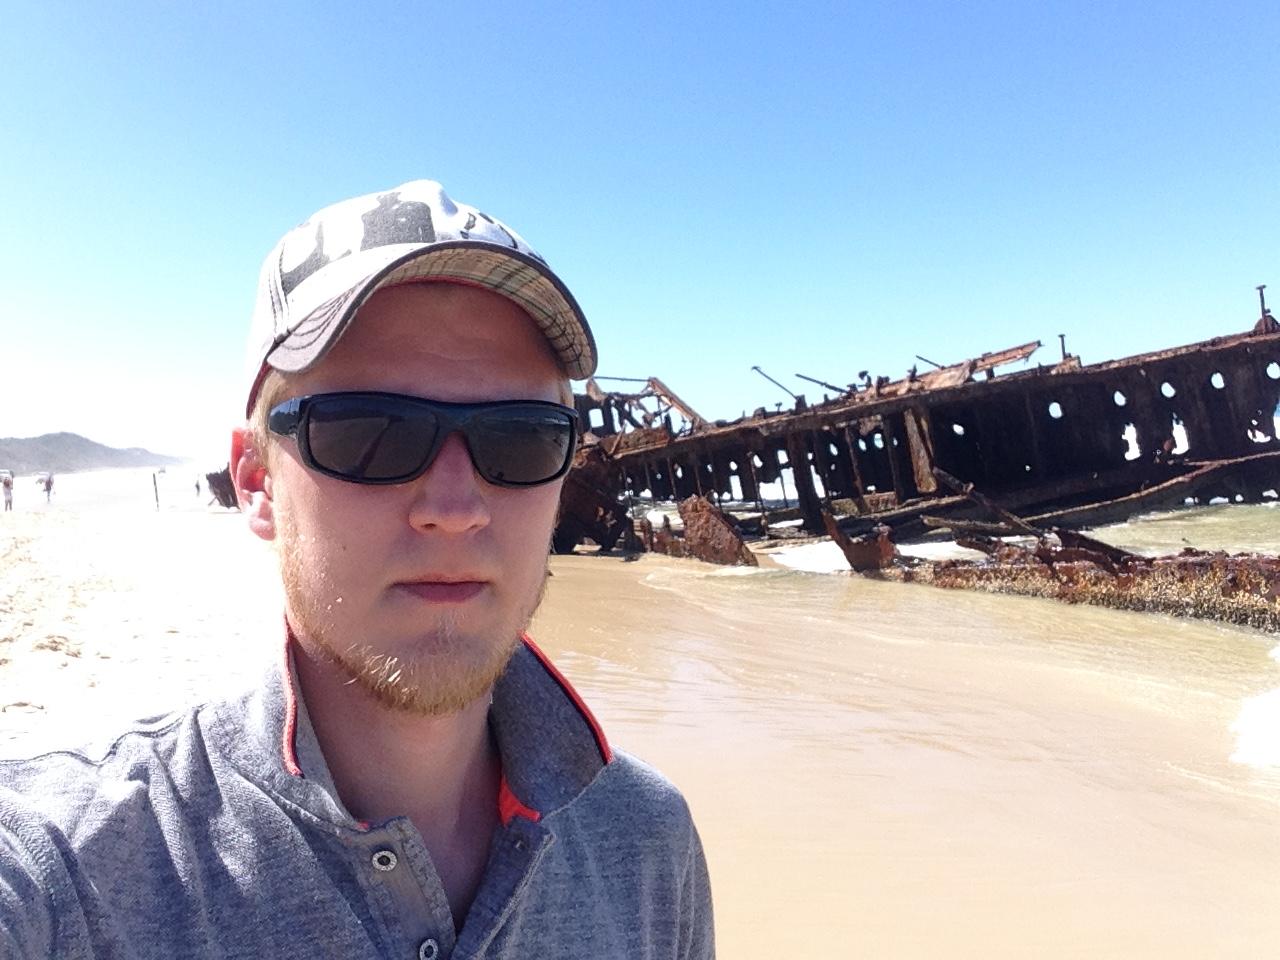 «Поехал посмотреть знаменитый корабль в Квинсленде. Он все еще на мели».